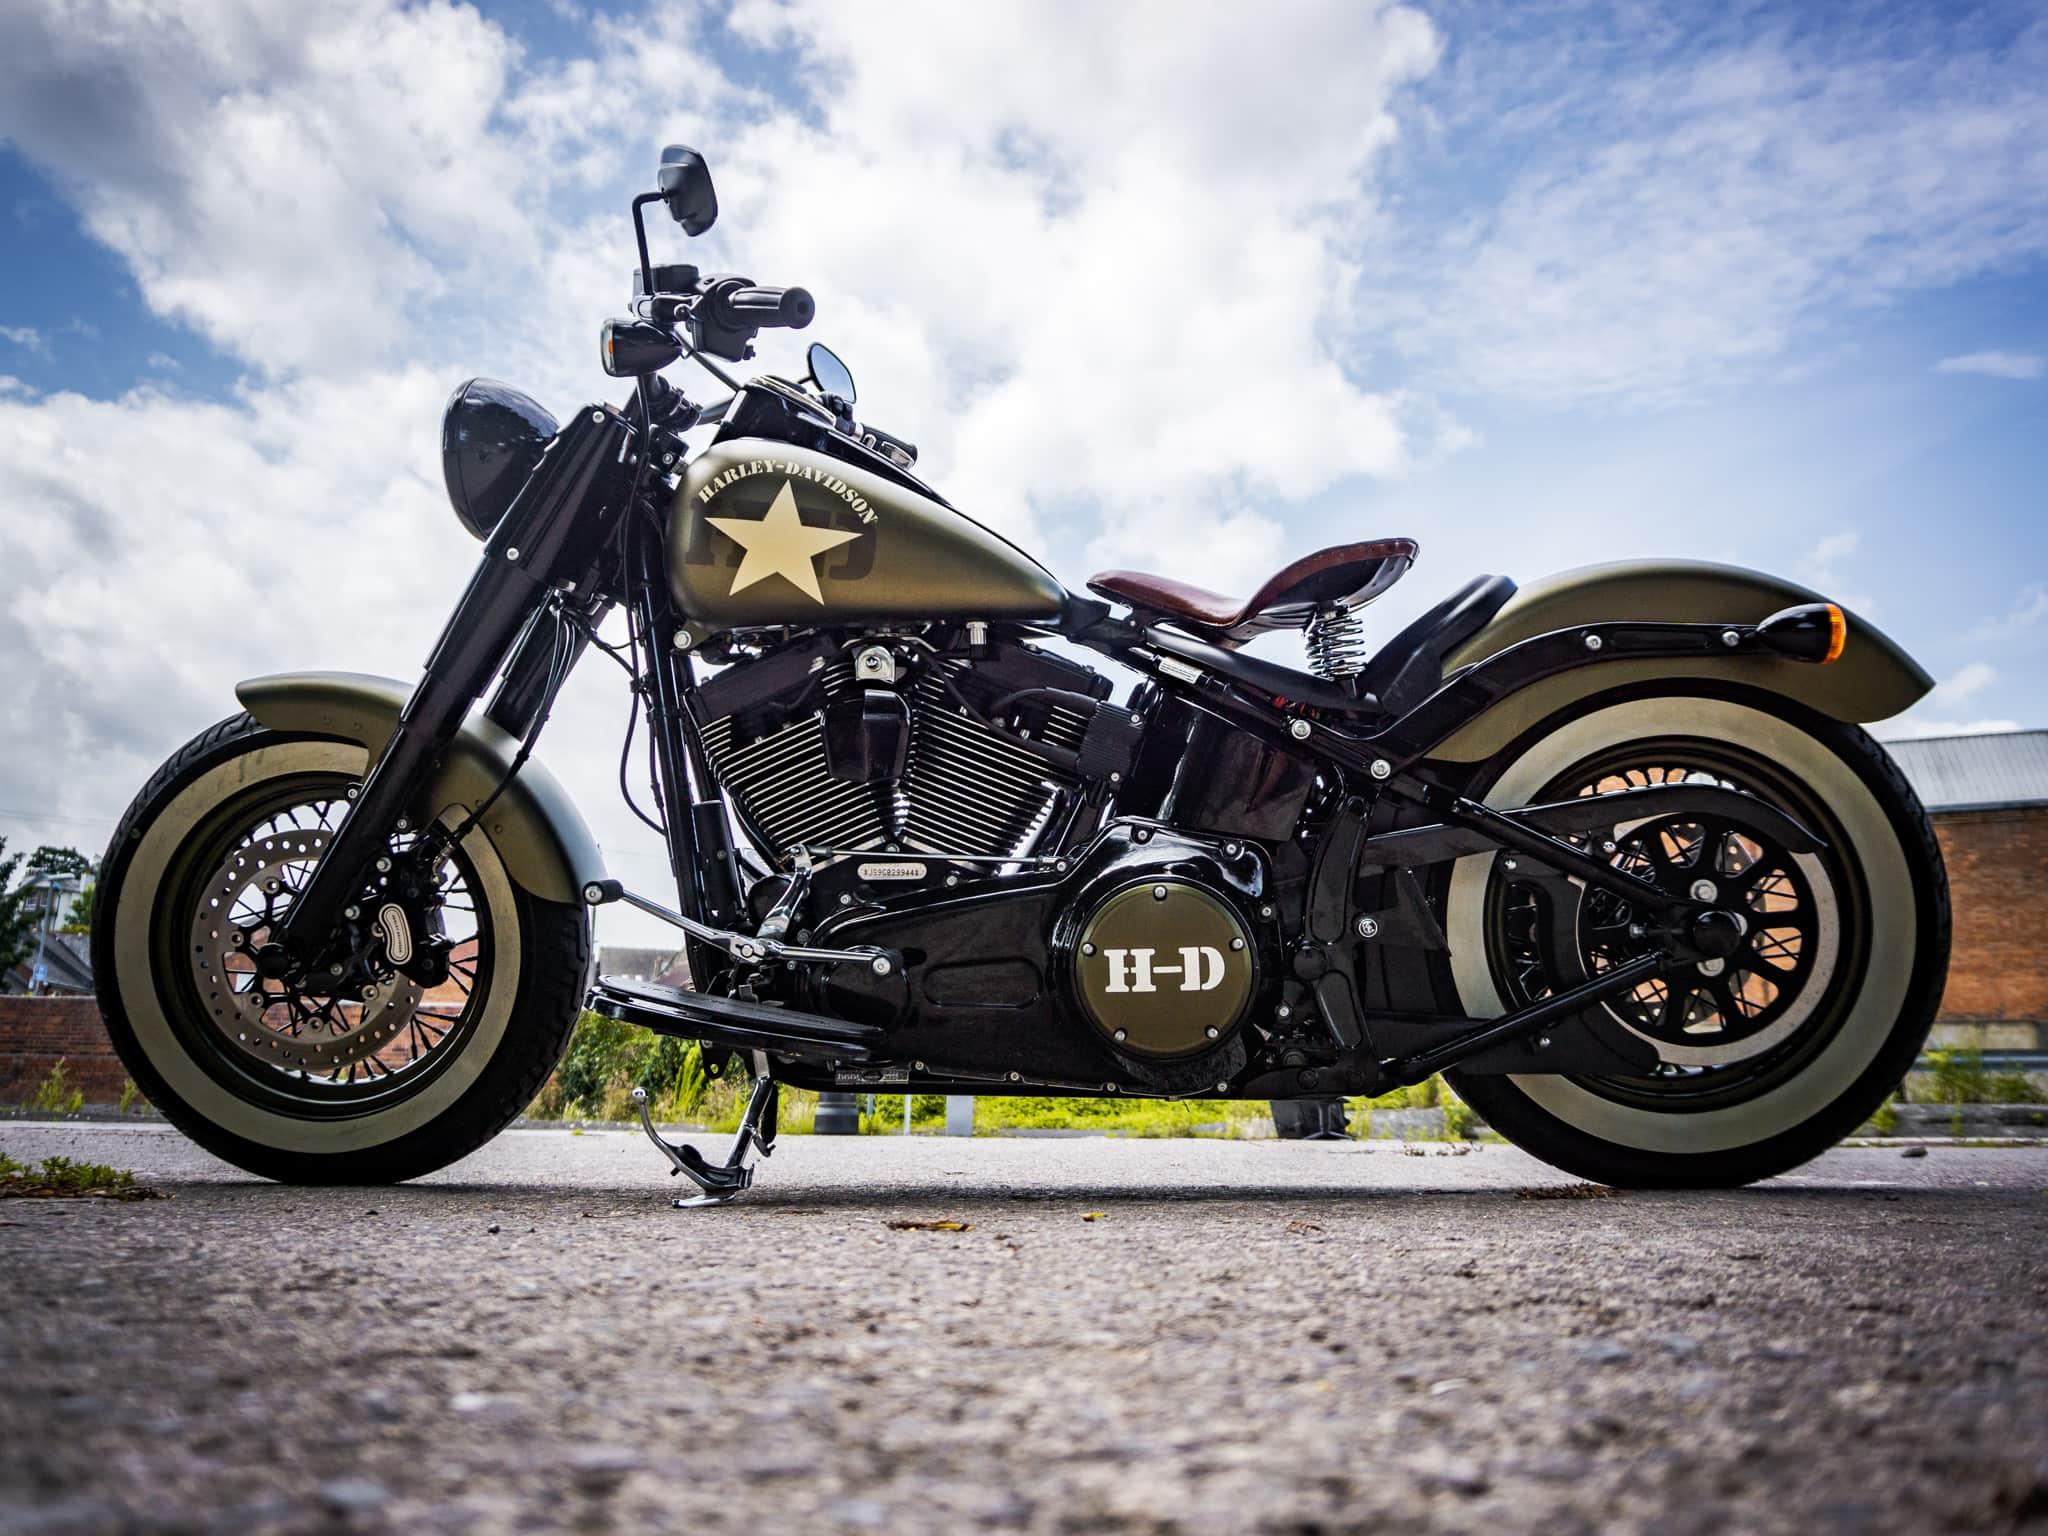 2016 - Harley Davidson Softail Slim  (1802) - 9th Aug